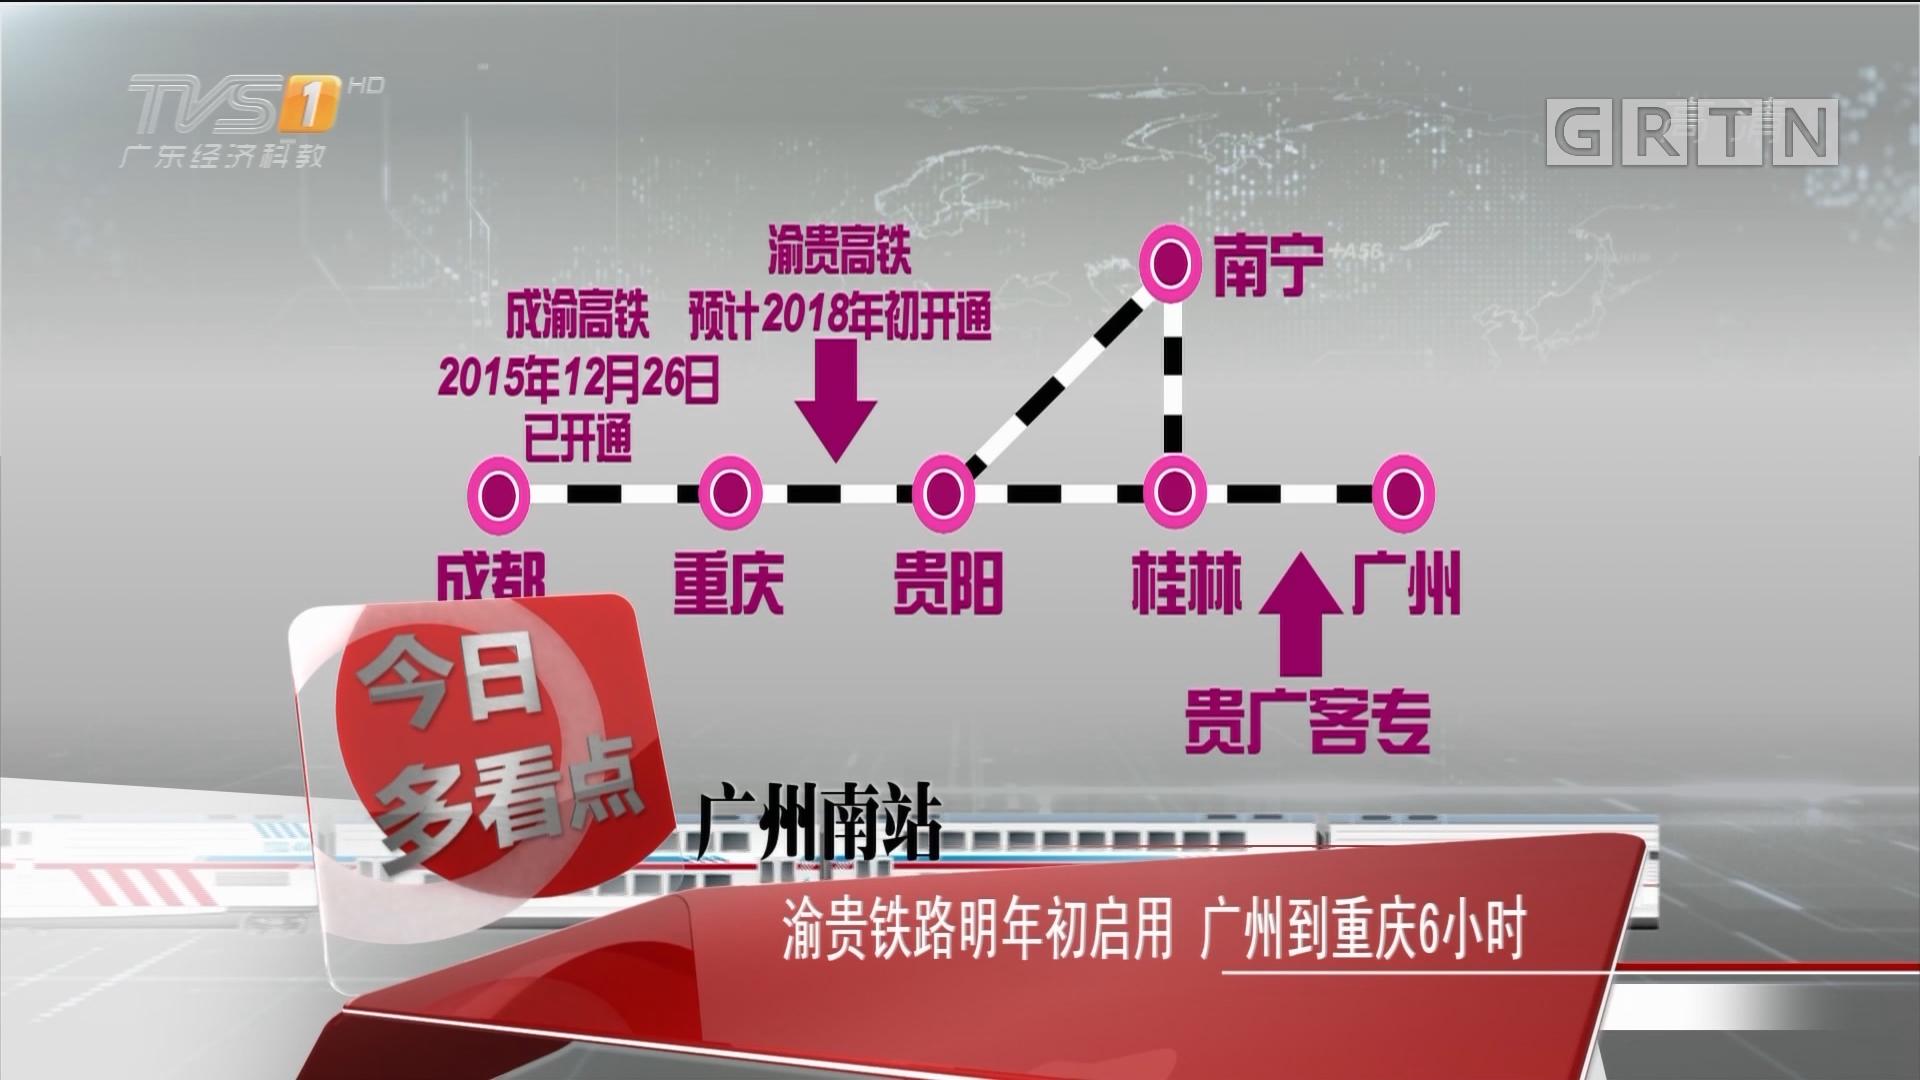 广州南站:渝贵铁路明年初启用 广州到重庆6小时